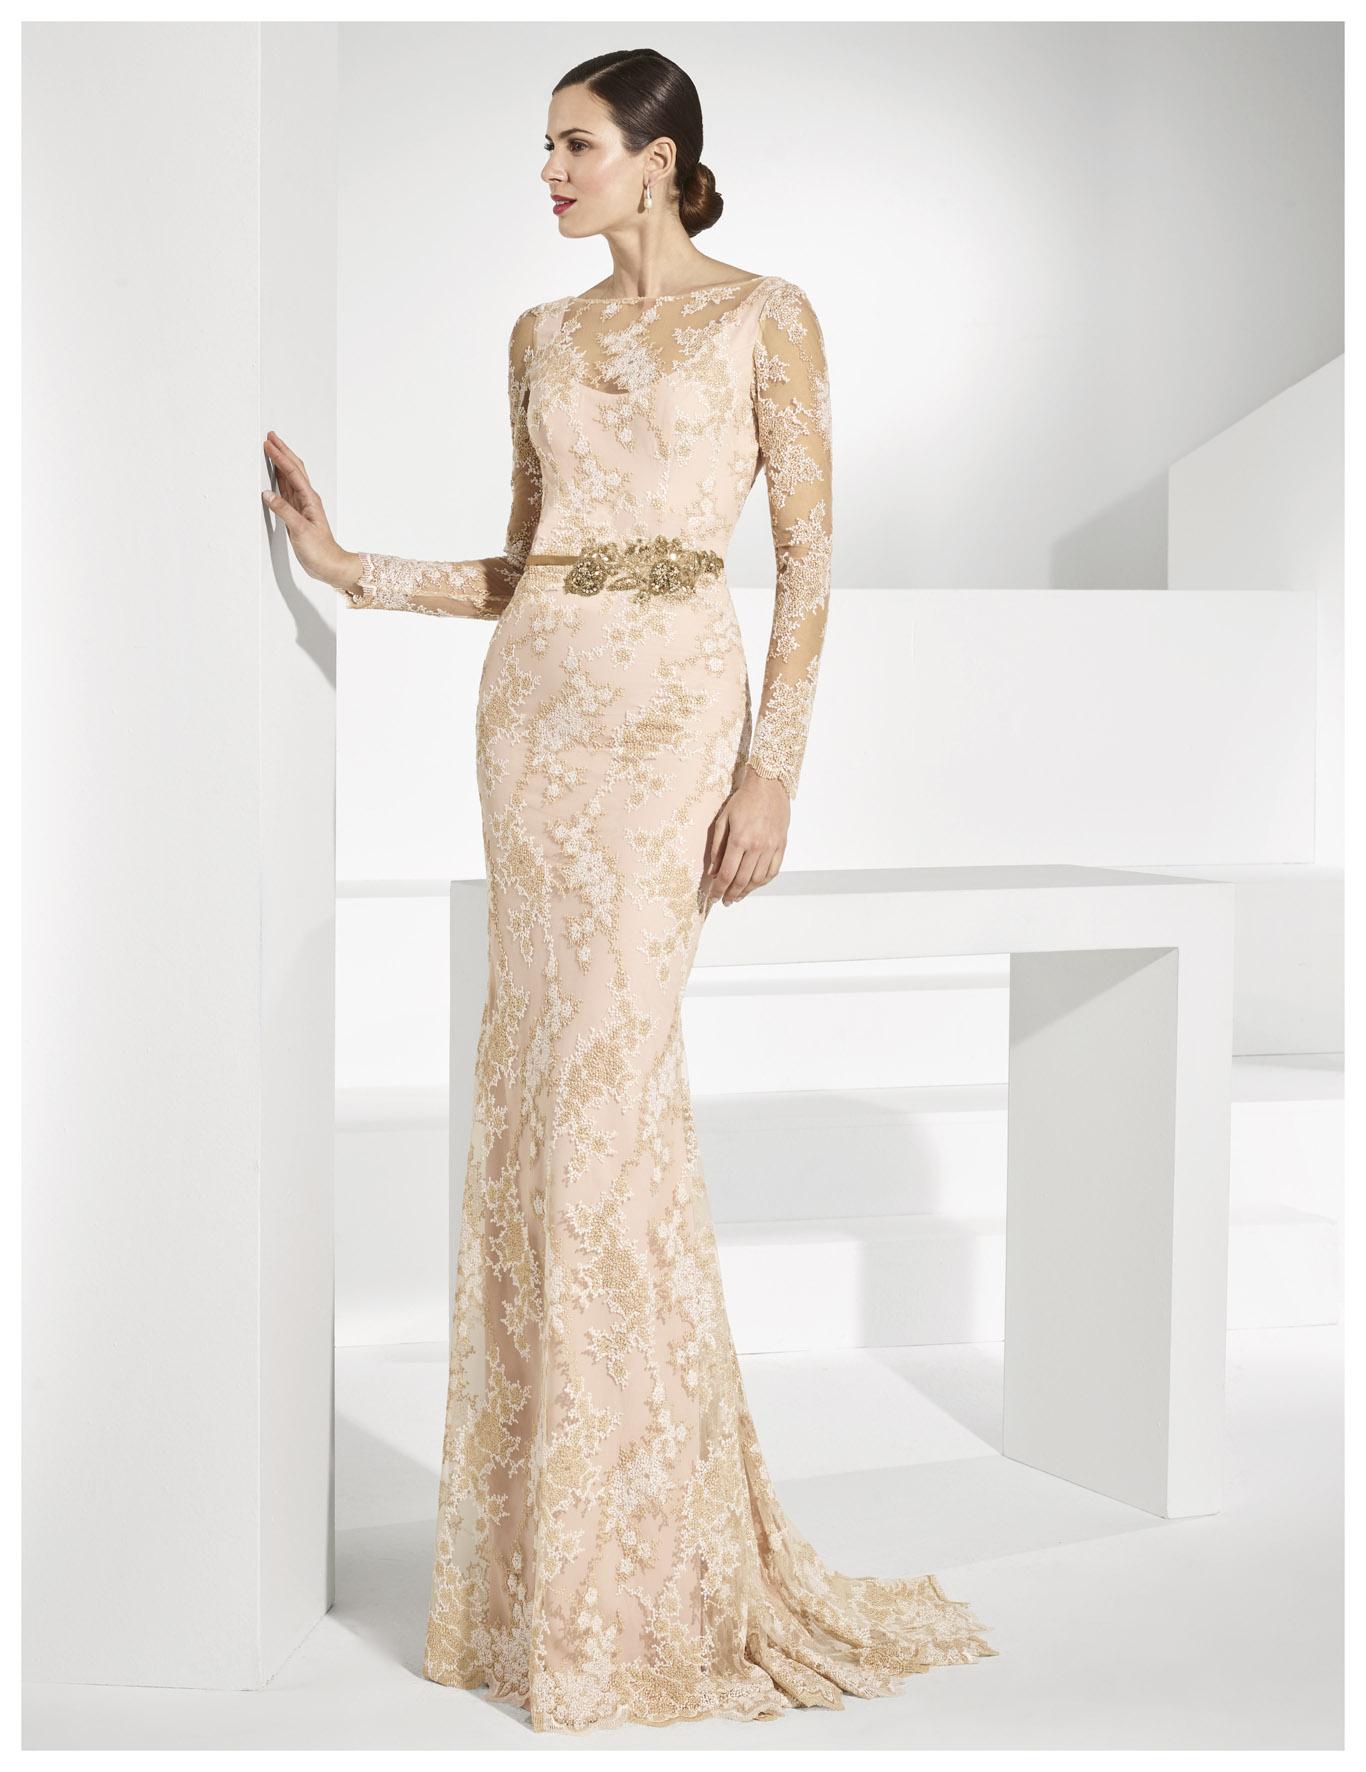 Donde comprar vestidos de fiesta baratos en valencia